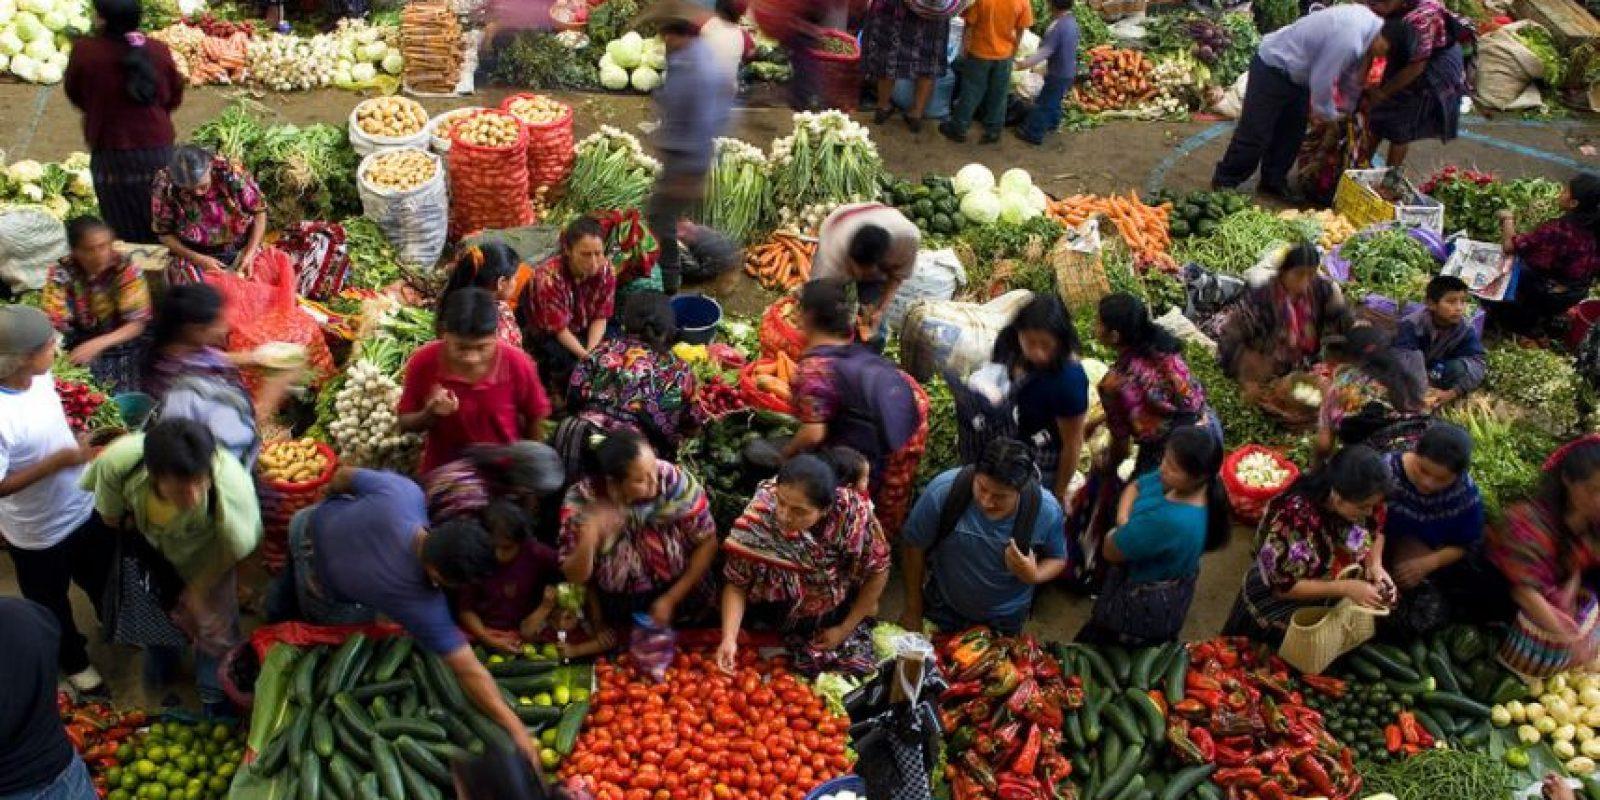 En los mercados del país, nunca encontrarás productos frescos. Foto:http://www.buzzfeed.com